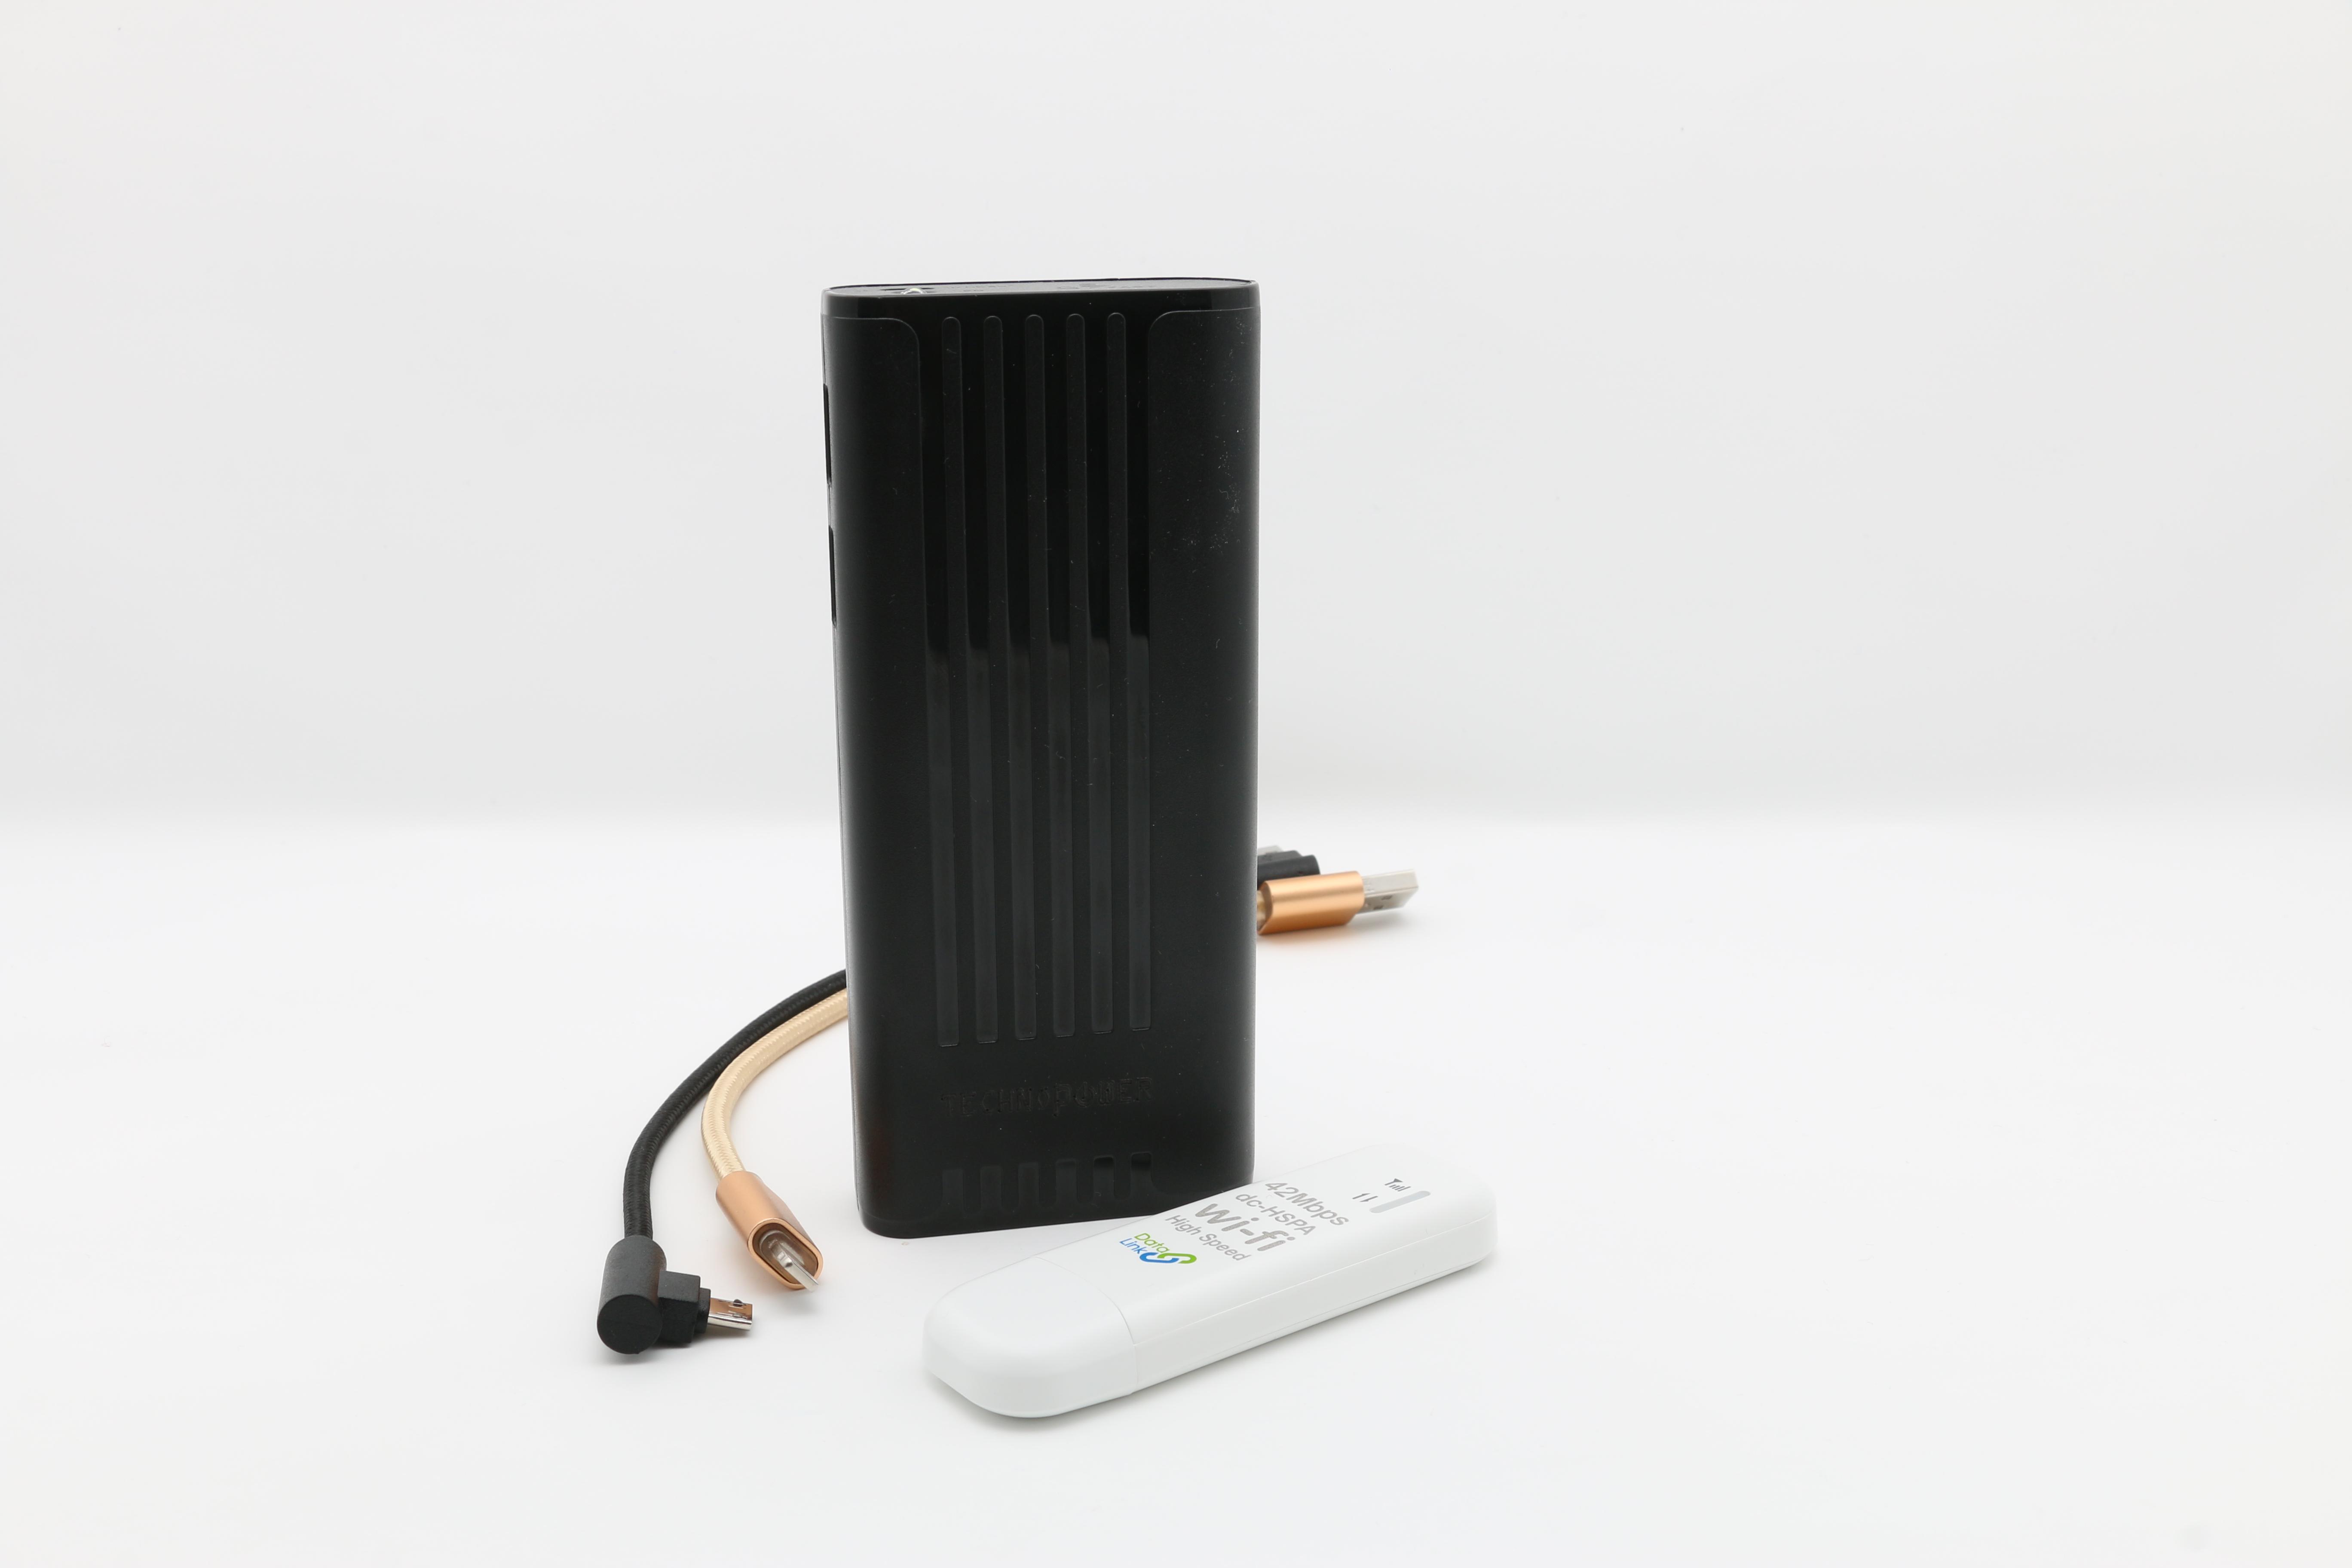 تكنو باور  بنك أسود  سعة 10000 مللي أمبير مع راوتر - واي فاي USB